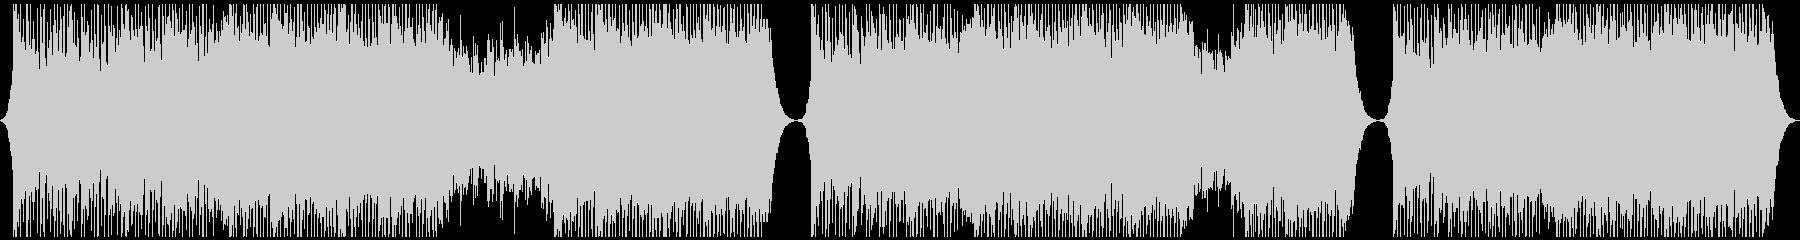 明るいコーポレート系BGMの未再生の波形